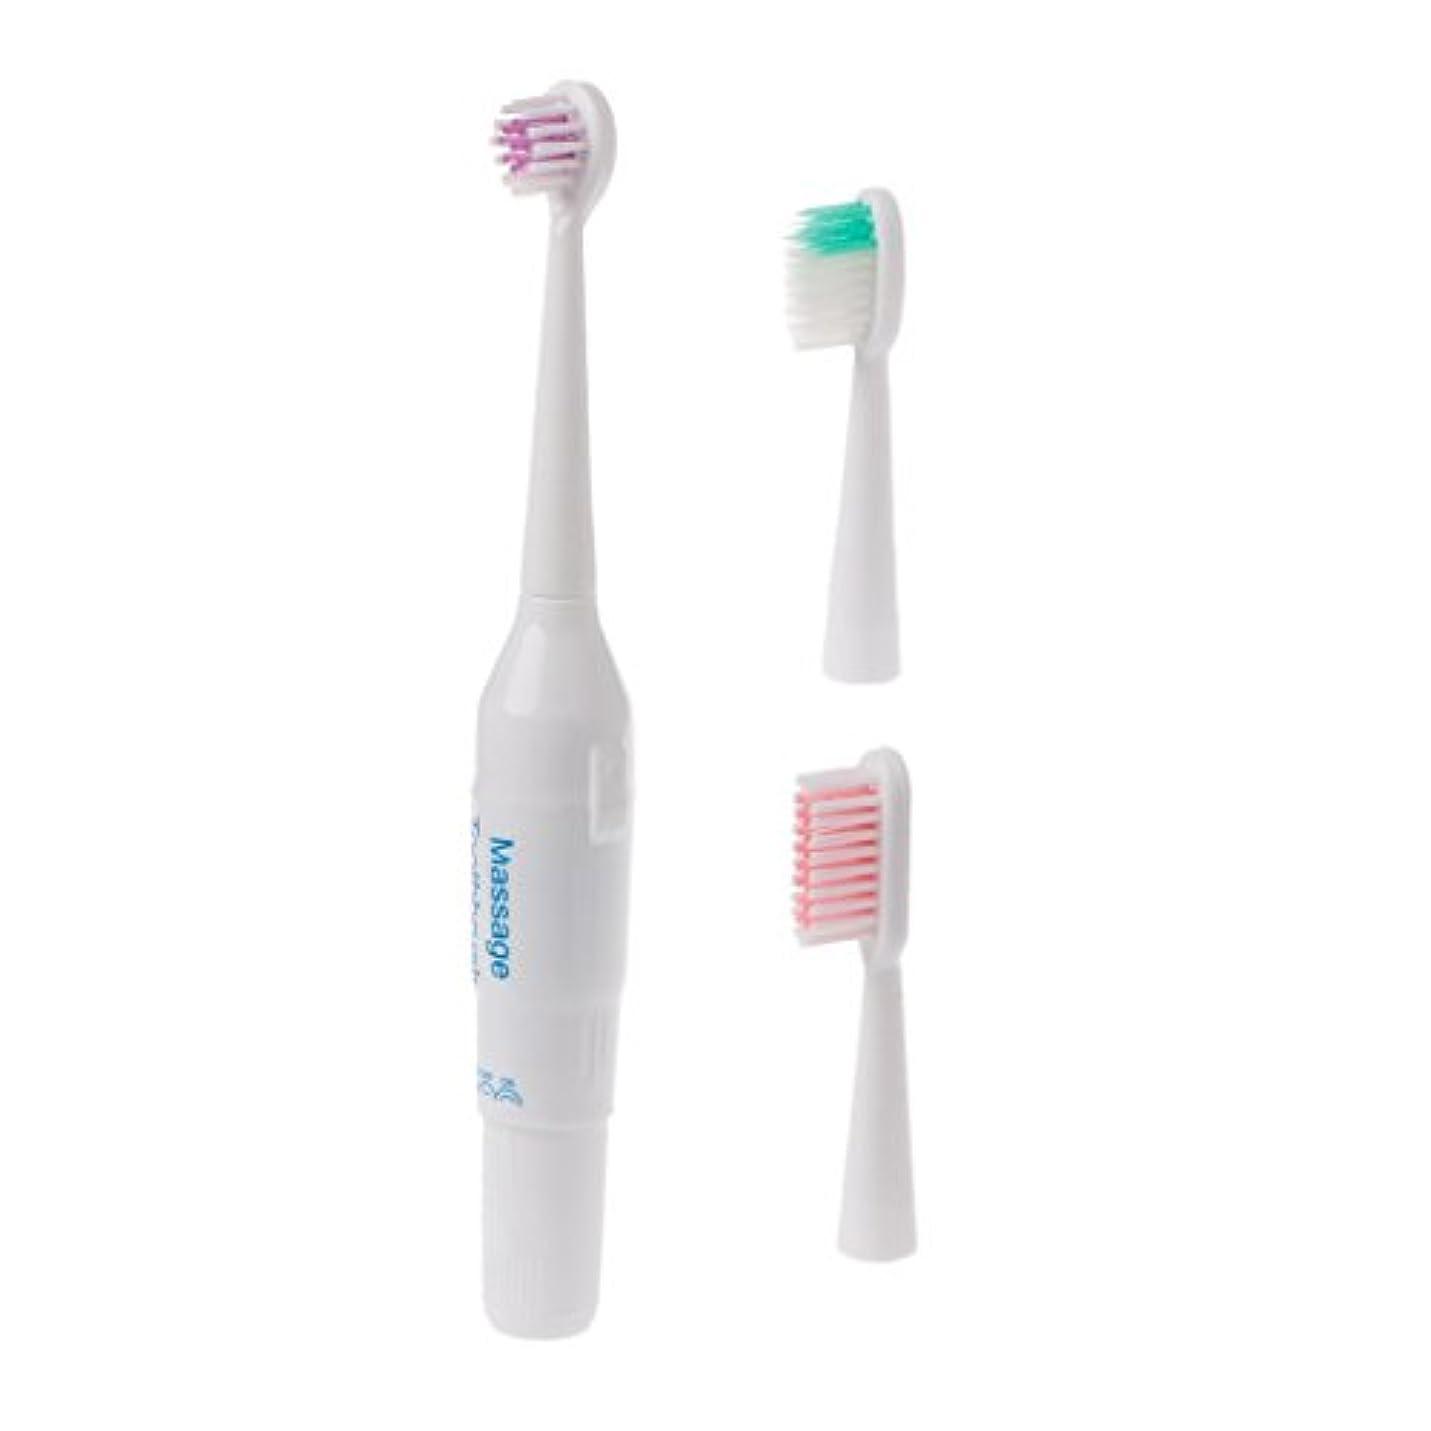 ピストルドール過敏なManyao キッズプロフェッショナル口腔ケアクリーン電気歯ブラシパワーベビー用歯ブラシ